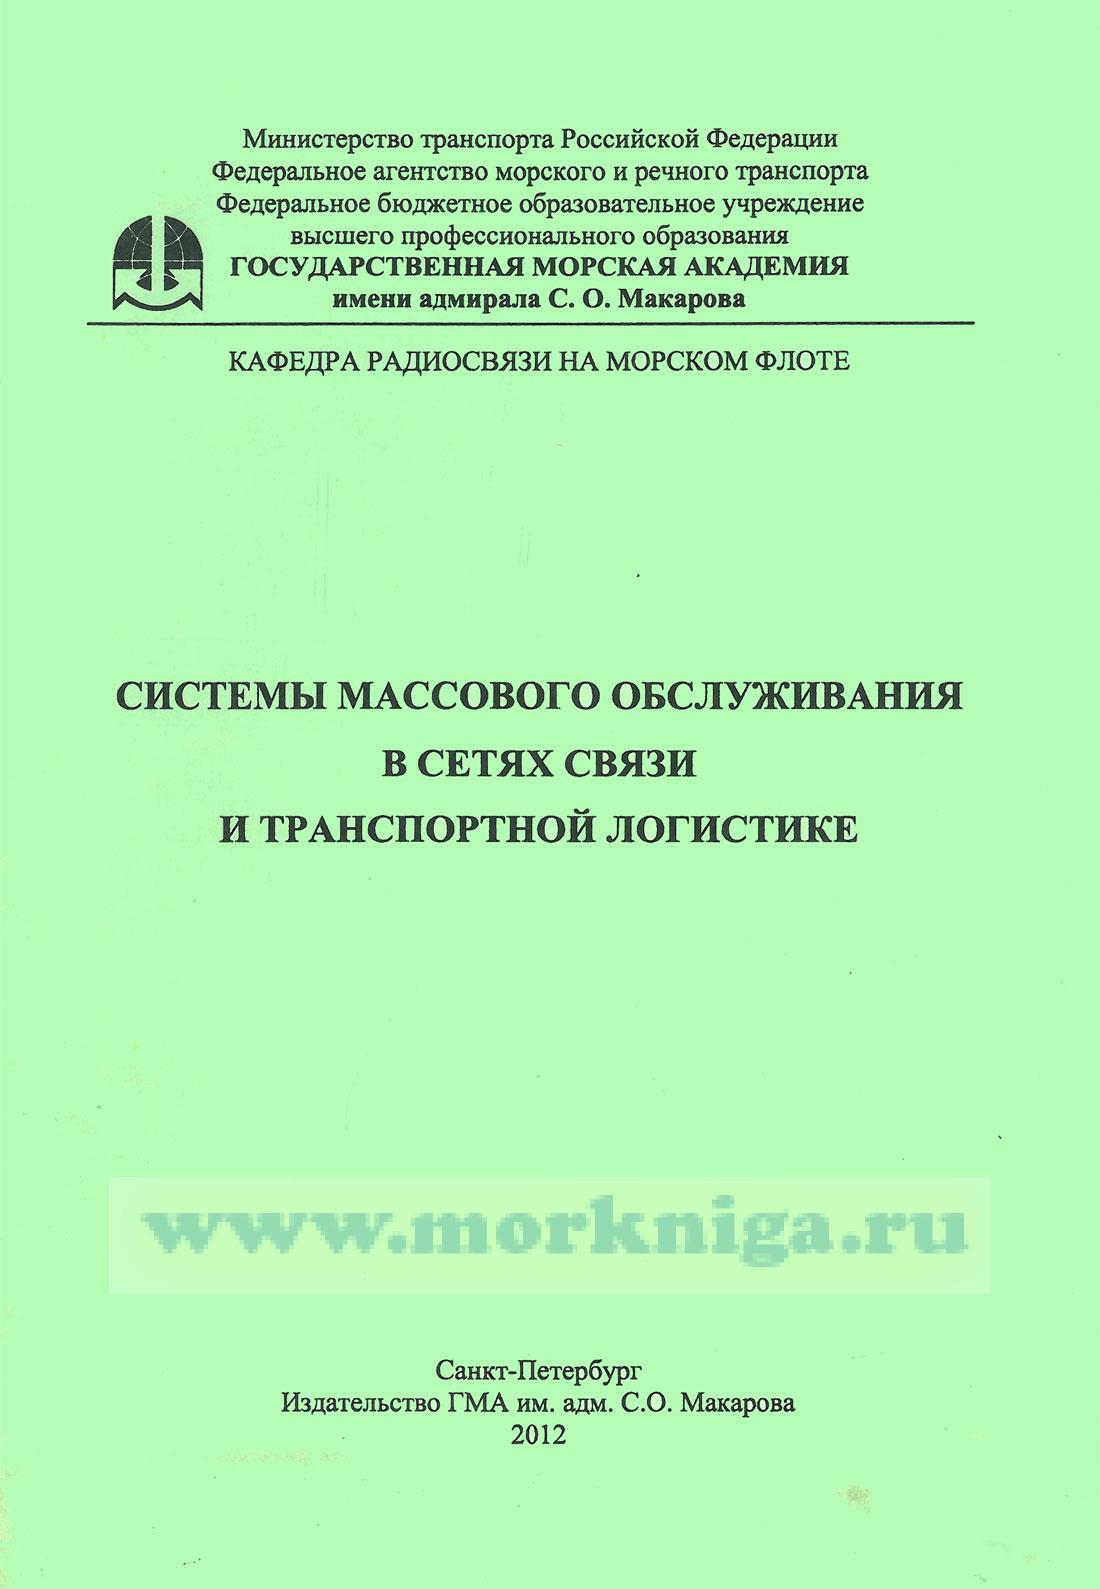 Системы массового обслуживания в сетях связи и транспортной логистике: методические рекомендации по выполнению курсовой работы по дисциплине